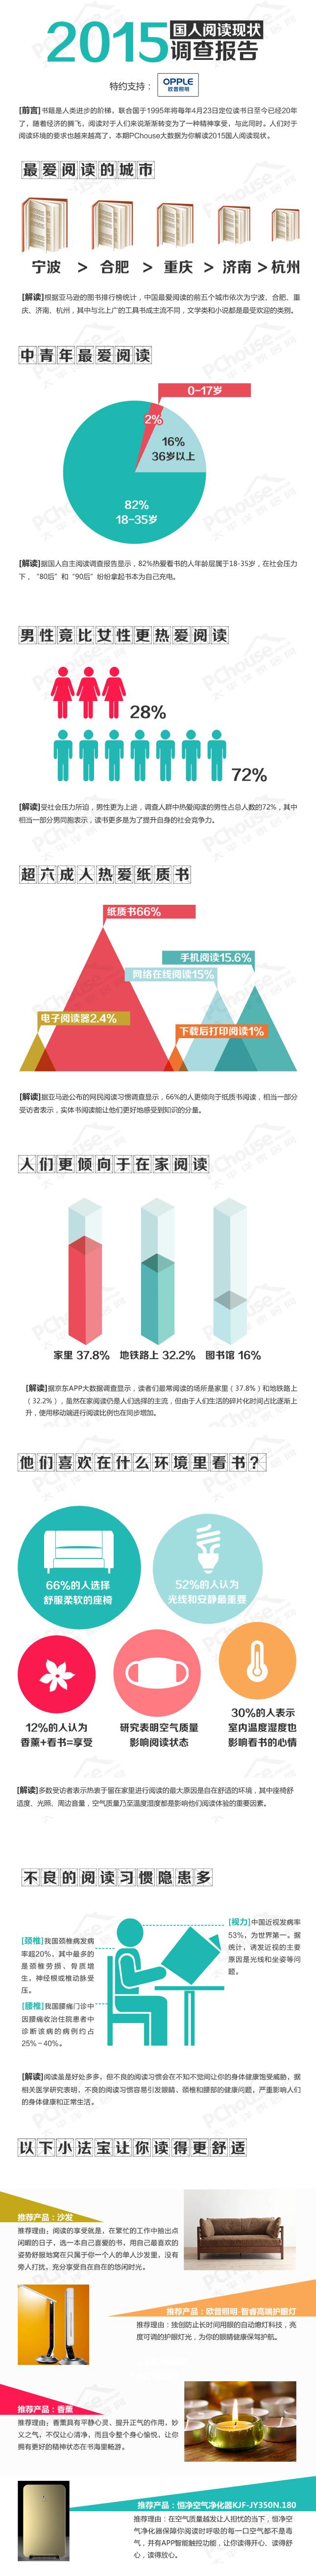 2015国人阅读现状调查报告